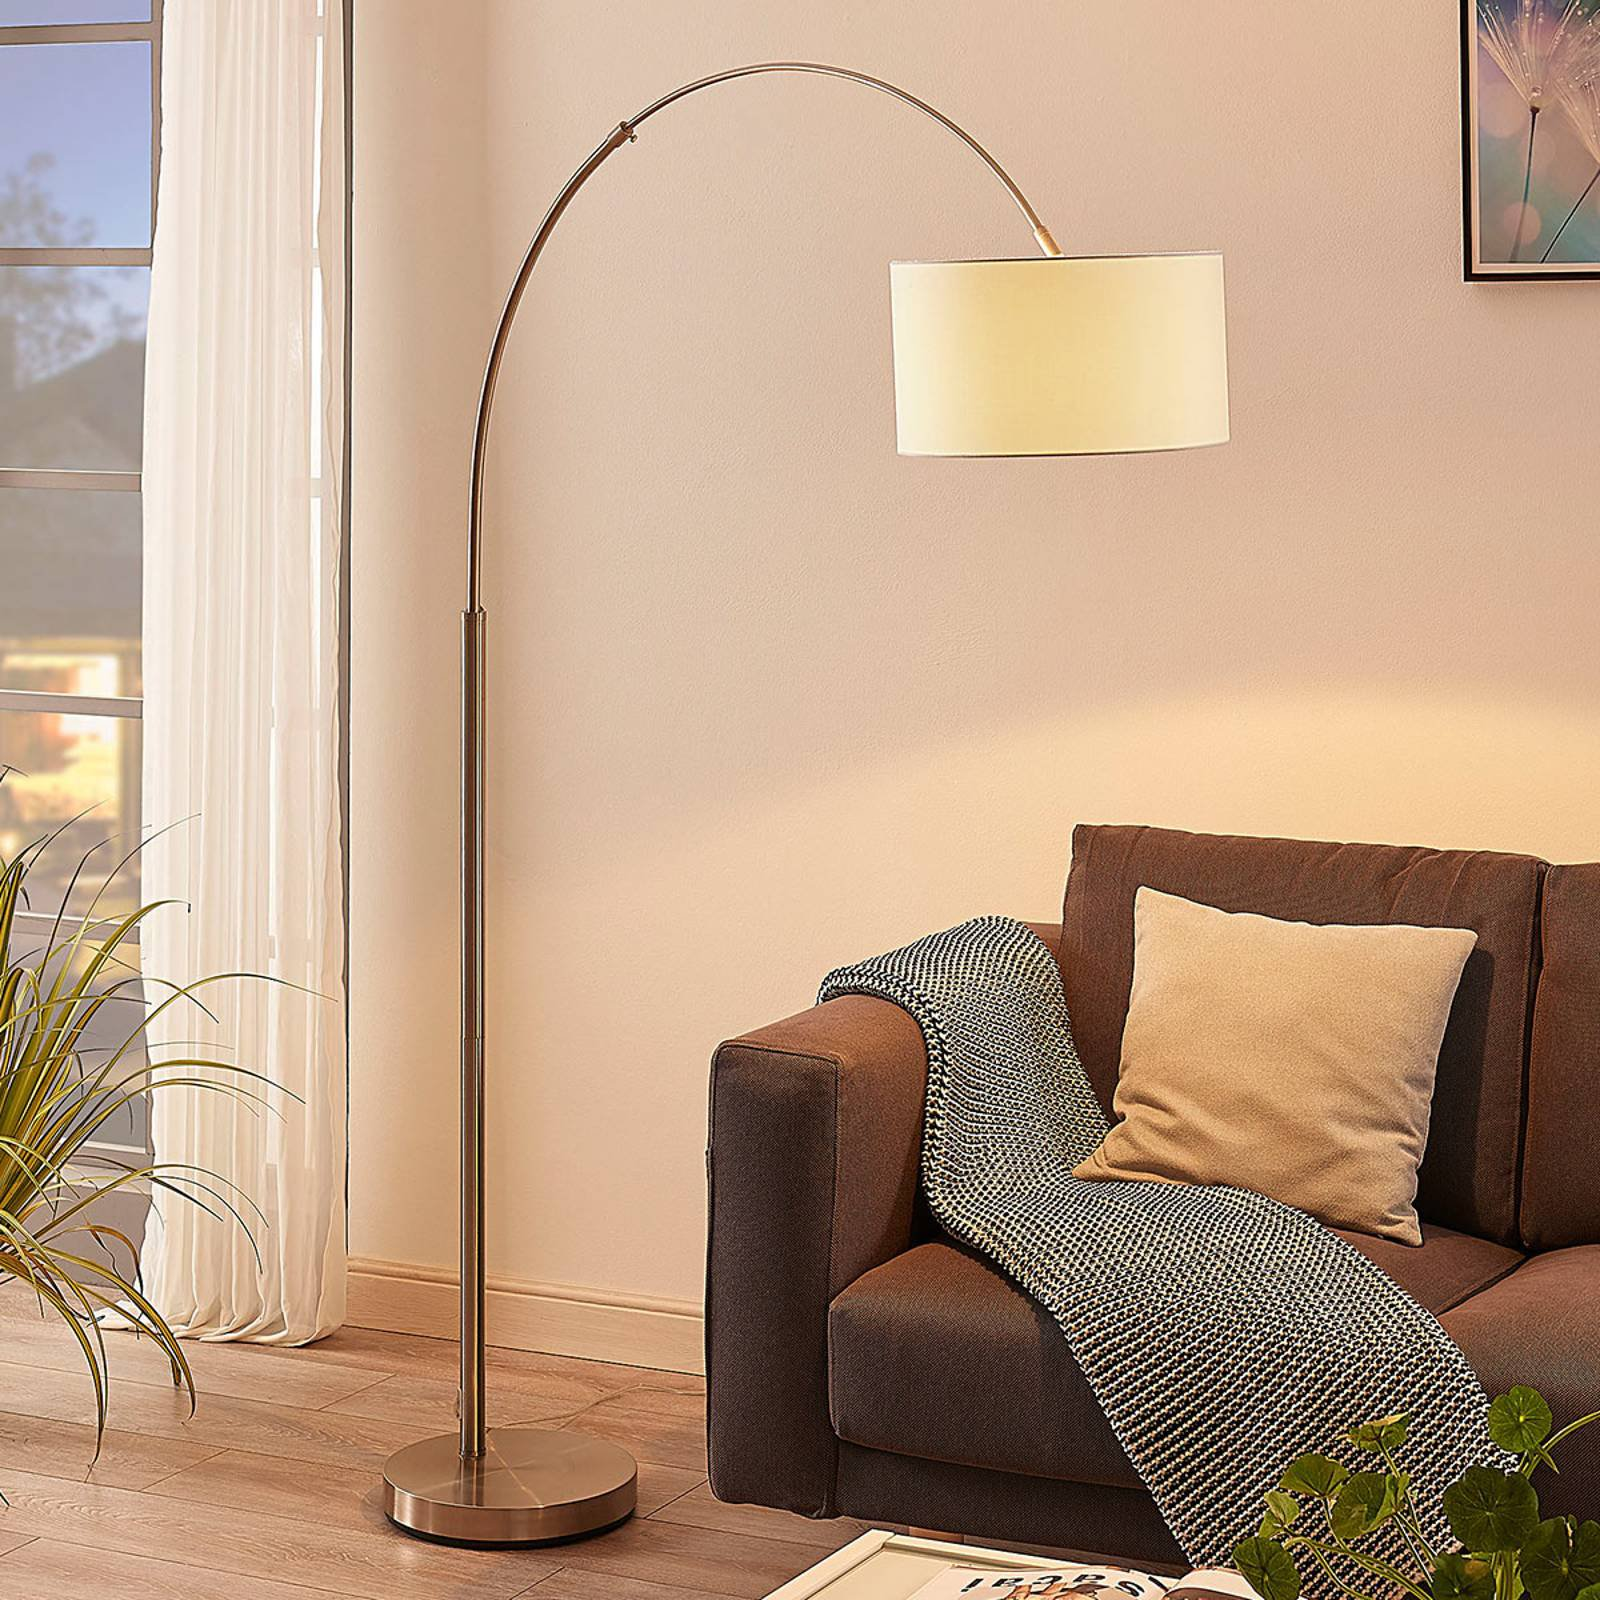 Bueformet gulvlampe Railyn, kremhvit tekstilskjerm